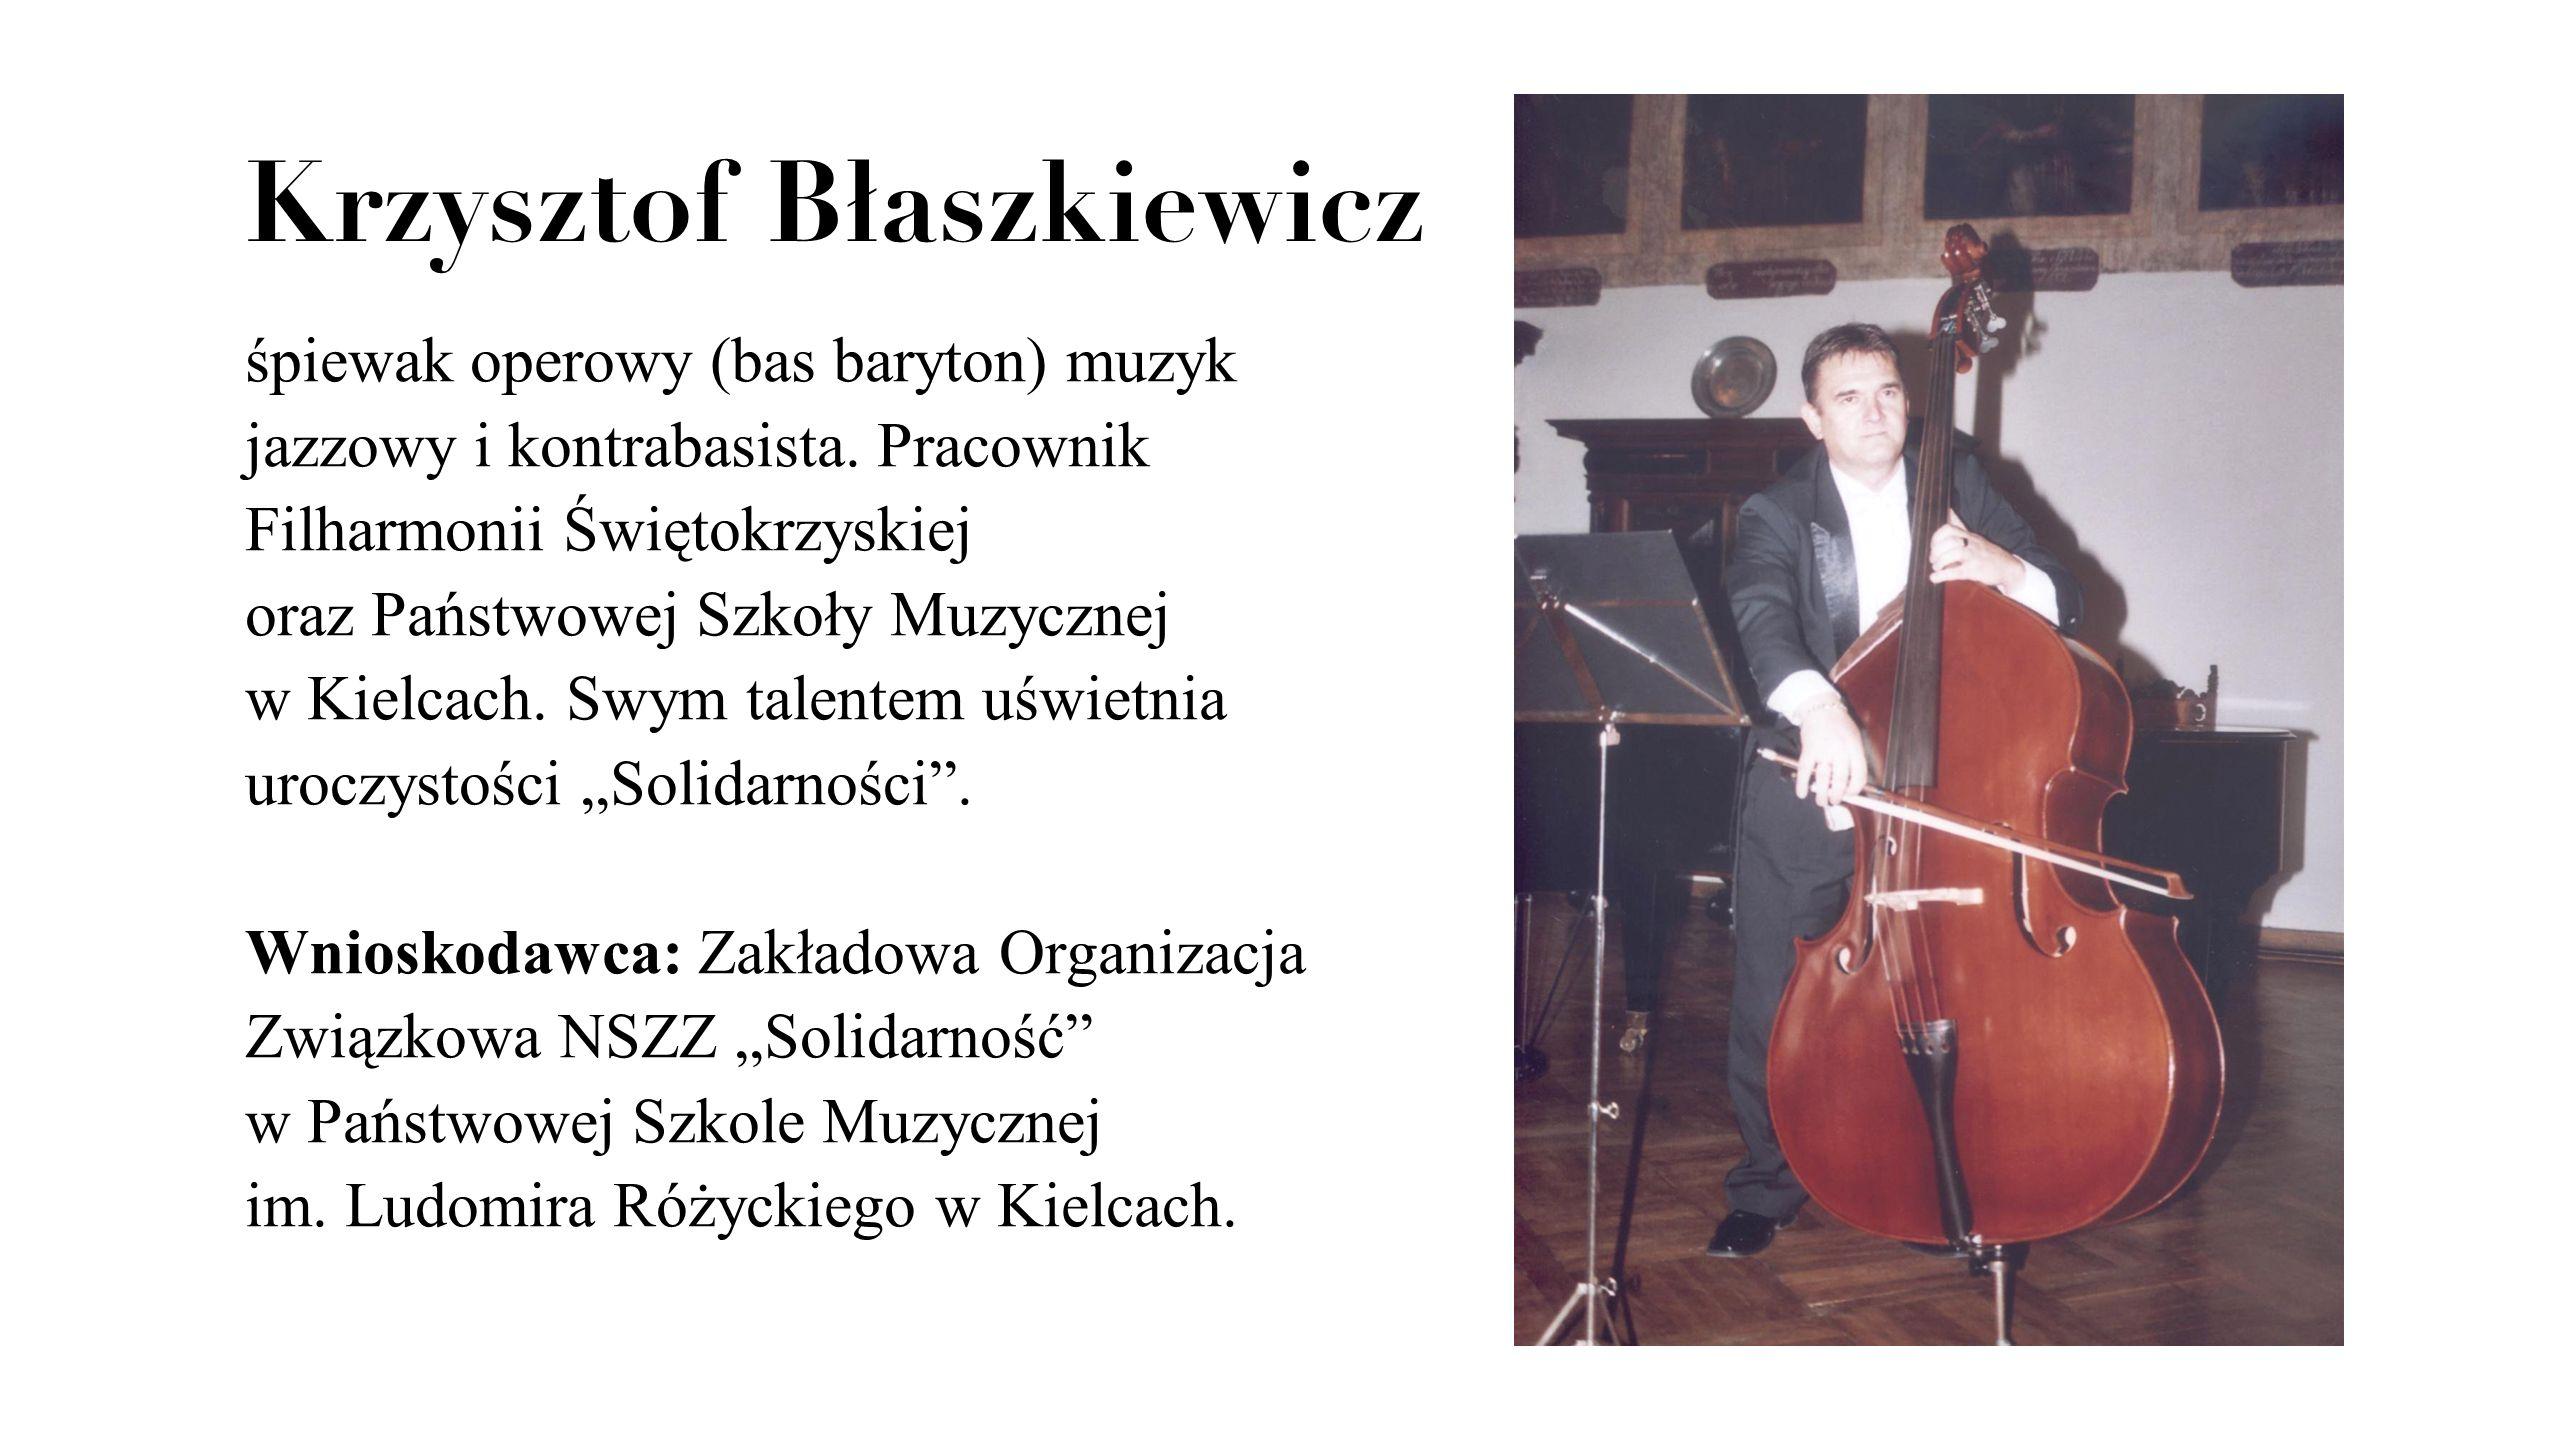 Lidia Chmielewska muzyk, altowiolistka.